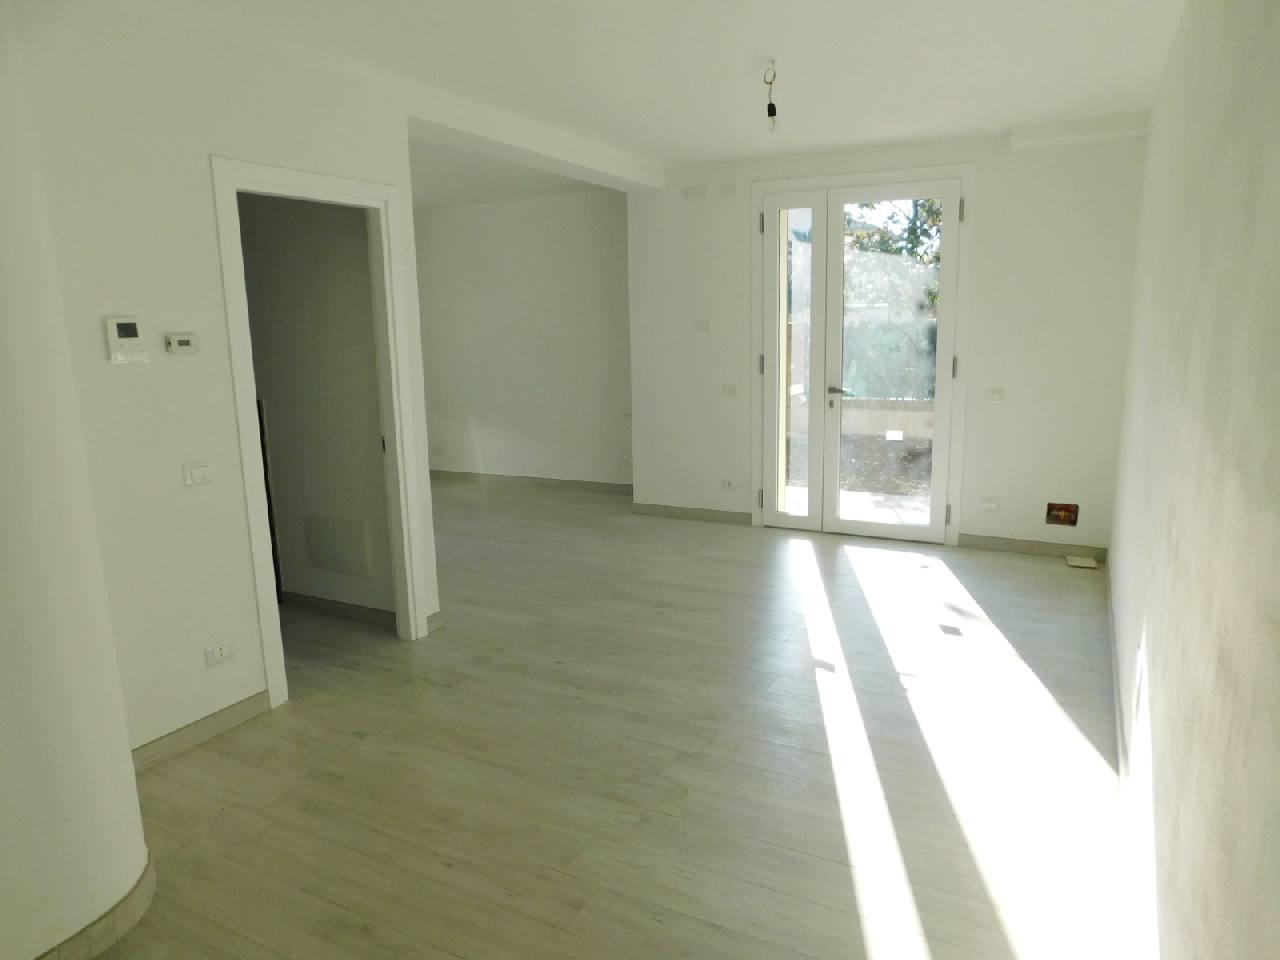 Villetta in vendita Reggio Emilia Zona Pieve Modolena